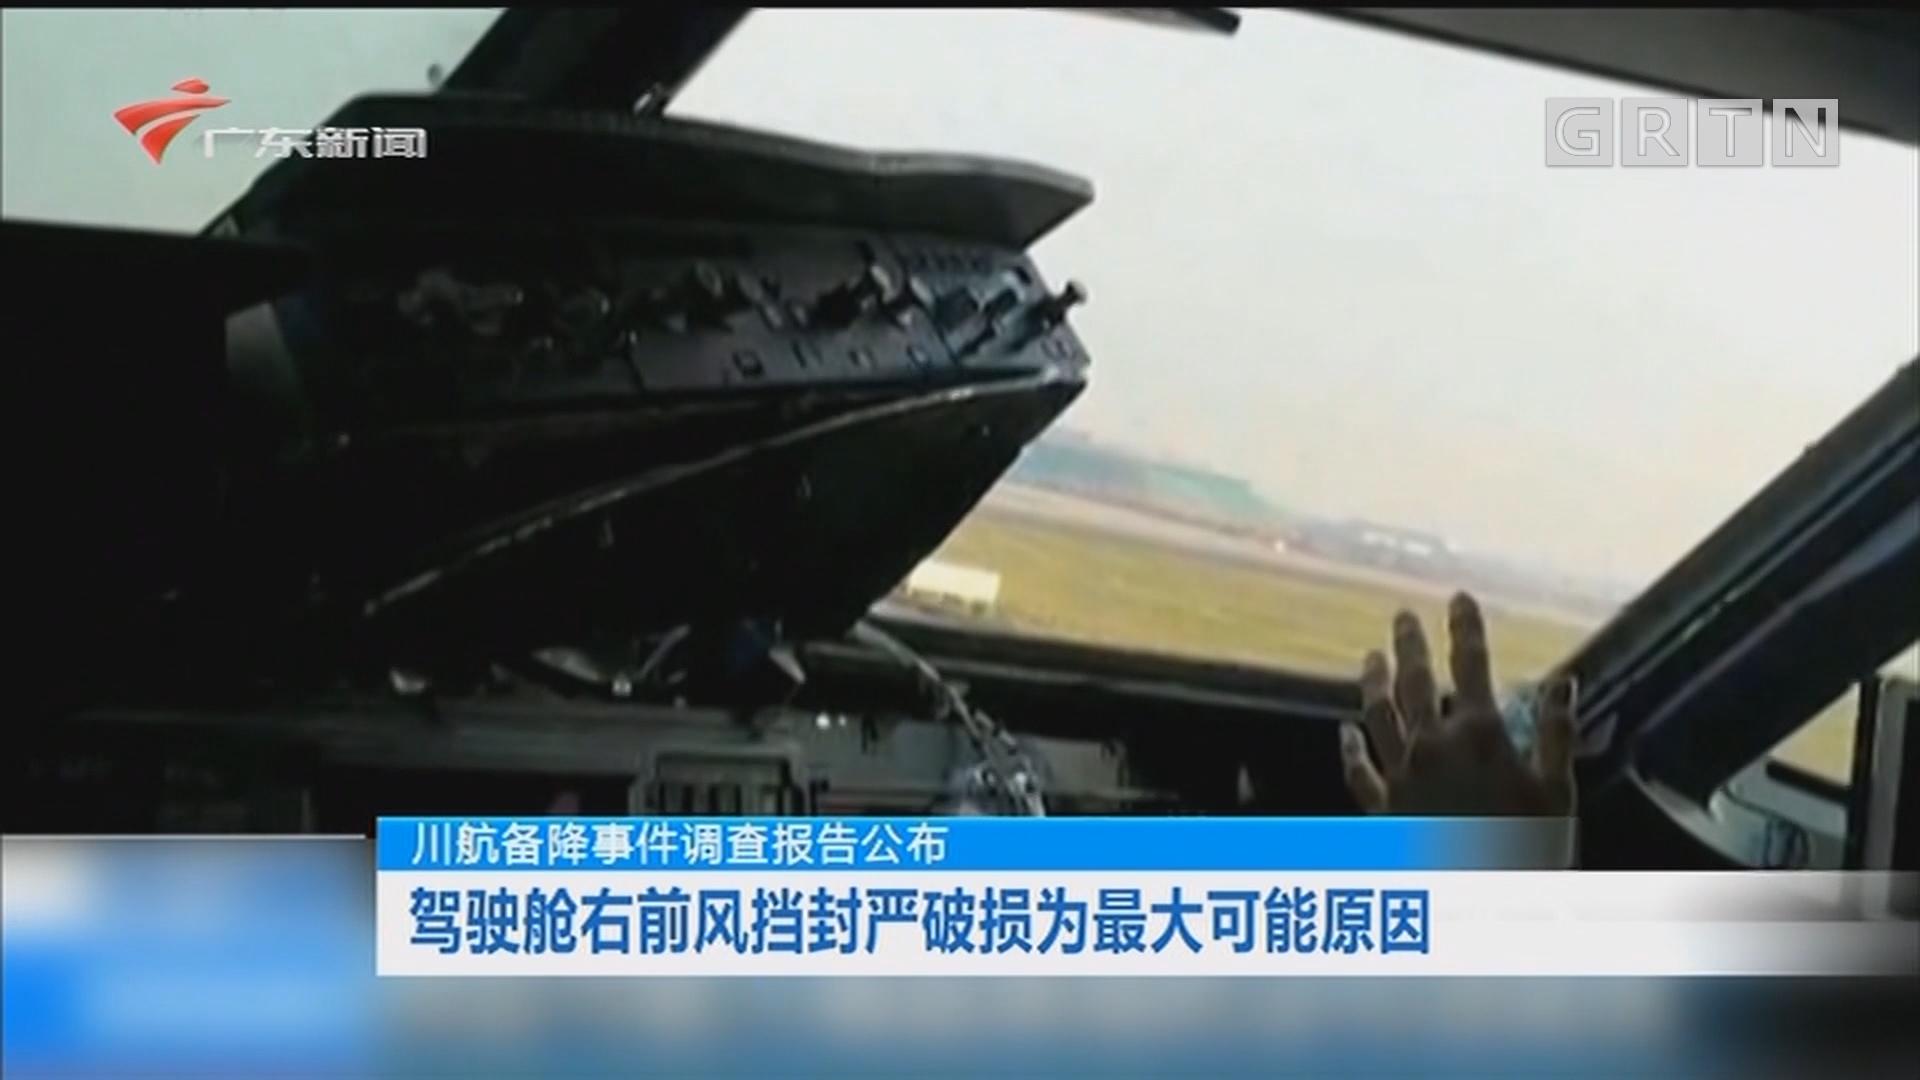 川航备降事件调查报告公布:驾驶舱风挡玻璃破裂脱落 机组实施紧急下降